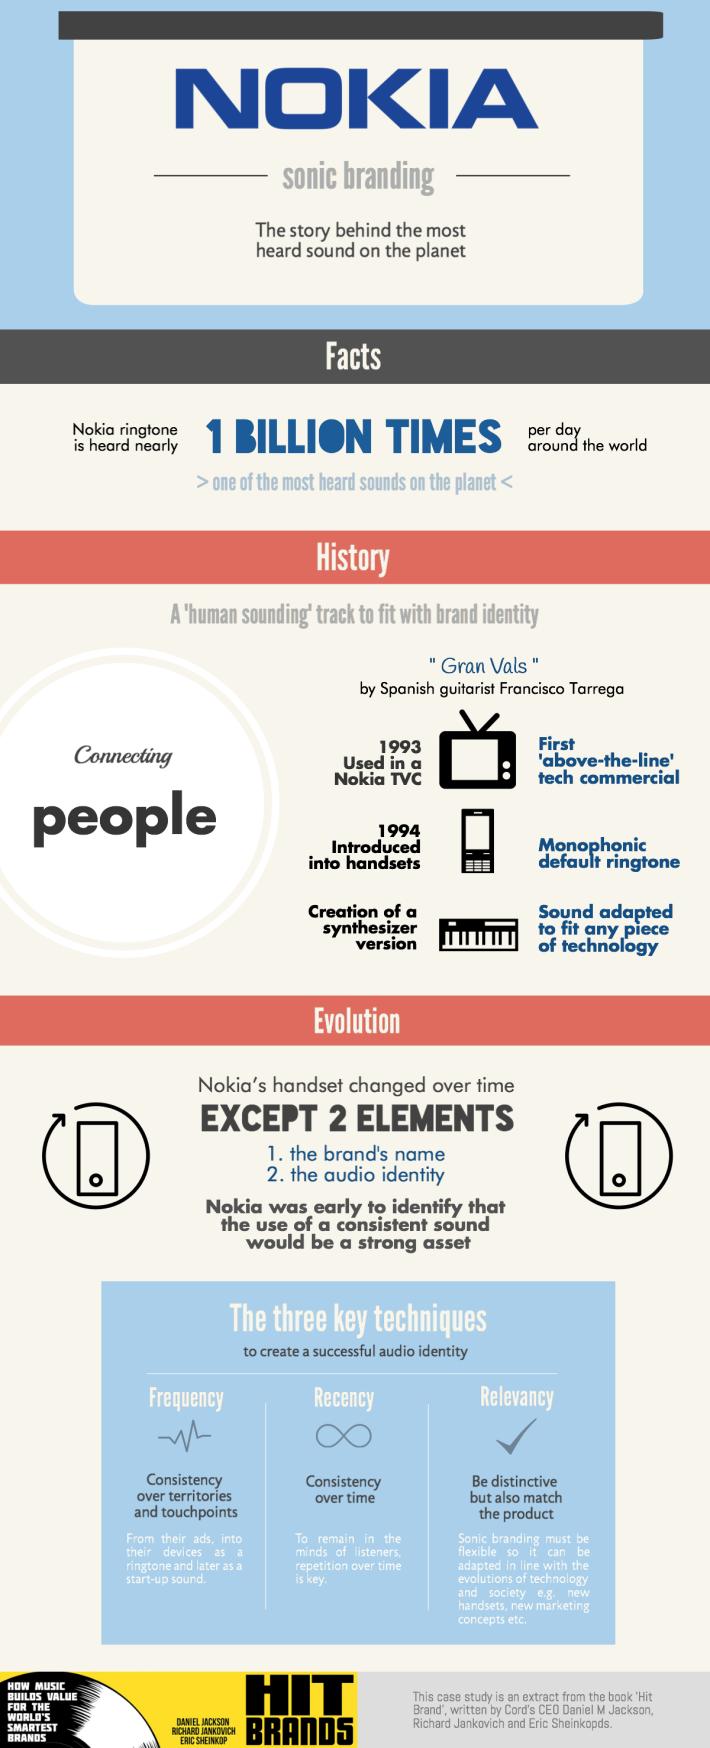 Nokia_Sonic_branding_cord_case_study